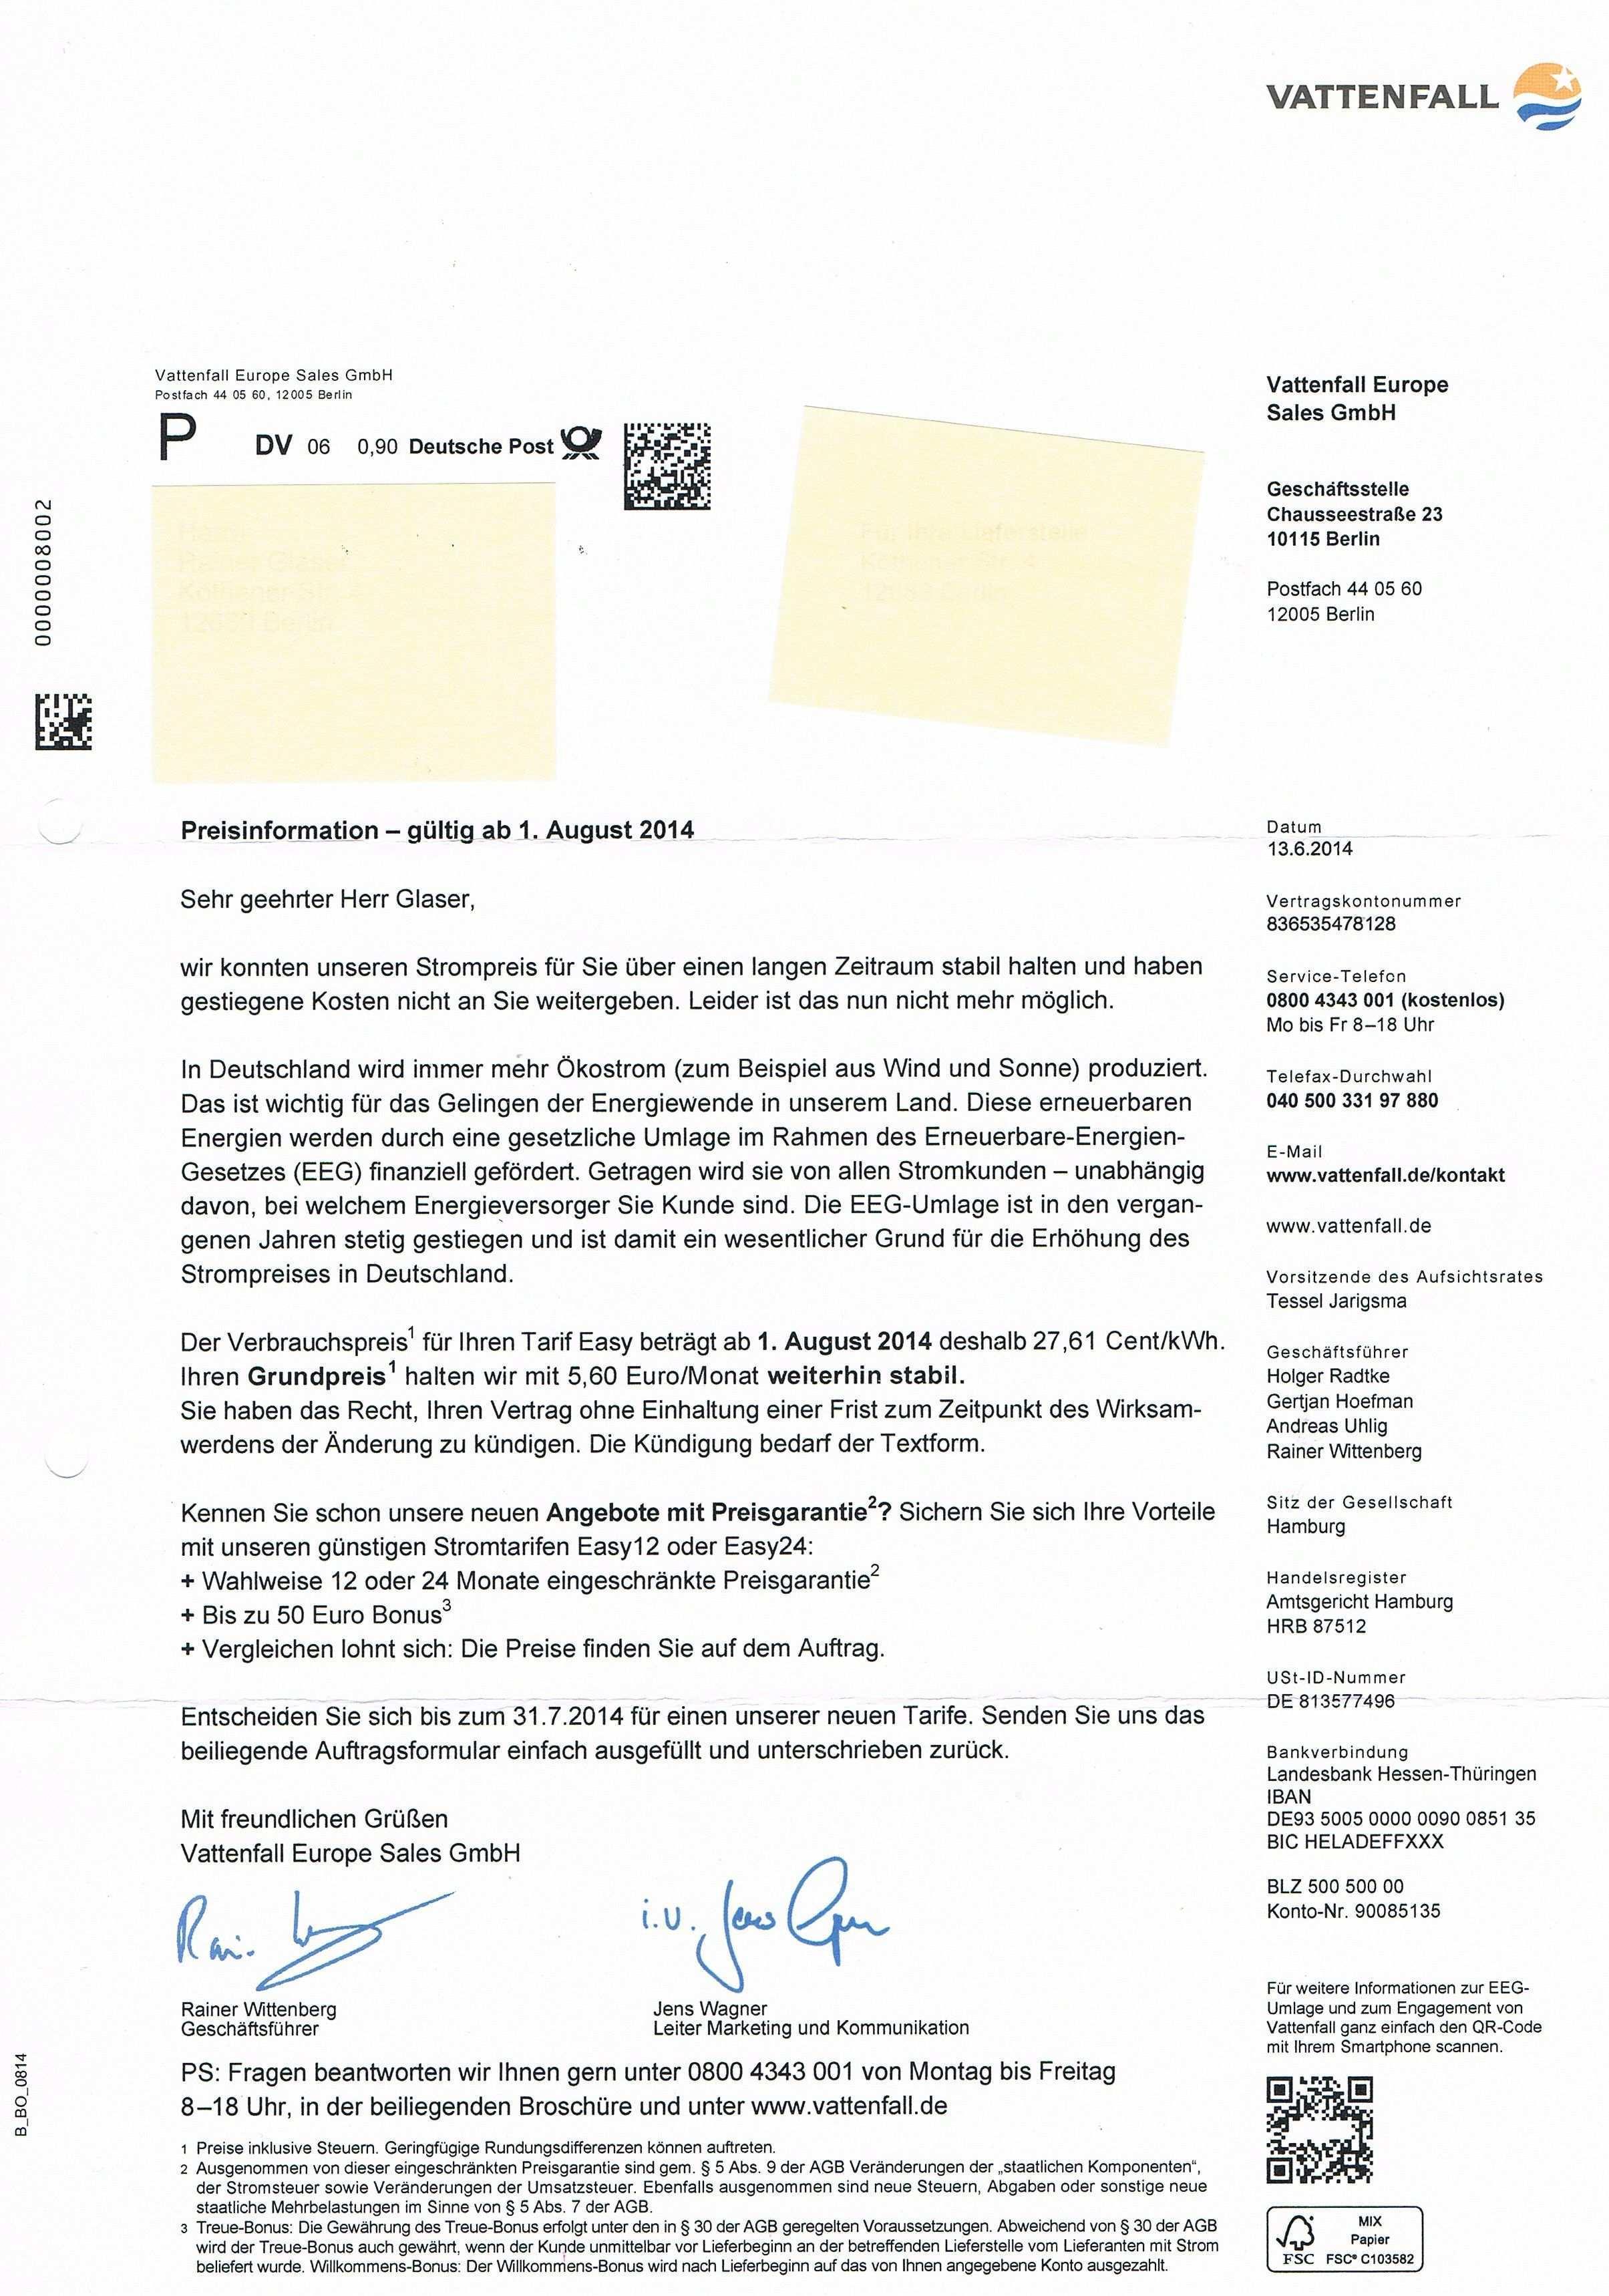 Einzigartig Anschreiben Preiserhohung Stundenlohn Briefprobe Briefformat Briefvorlage Anschreiben Briefvorlagen Stundenlohn